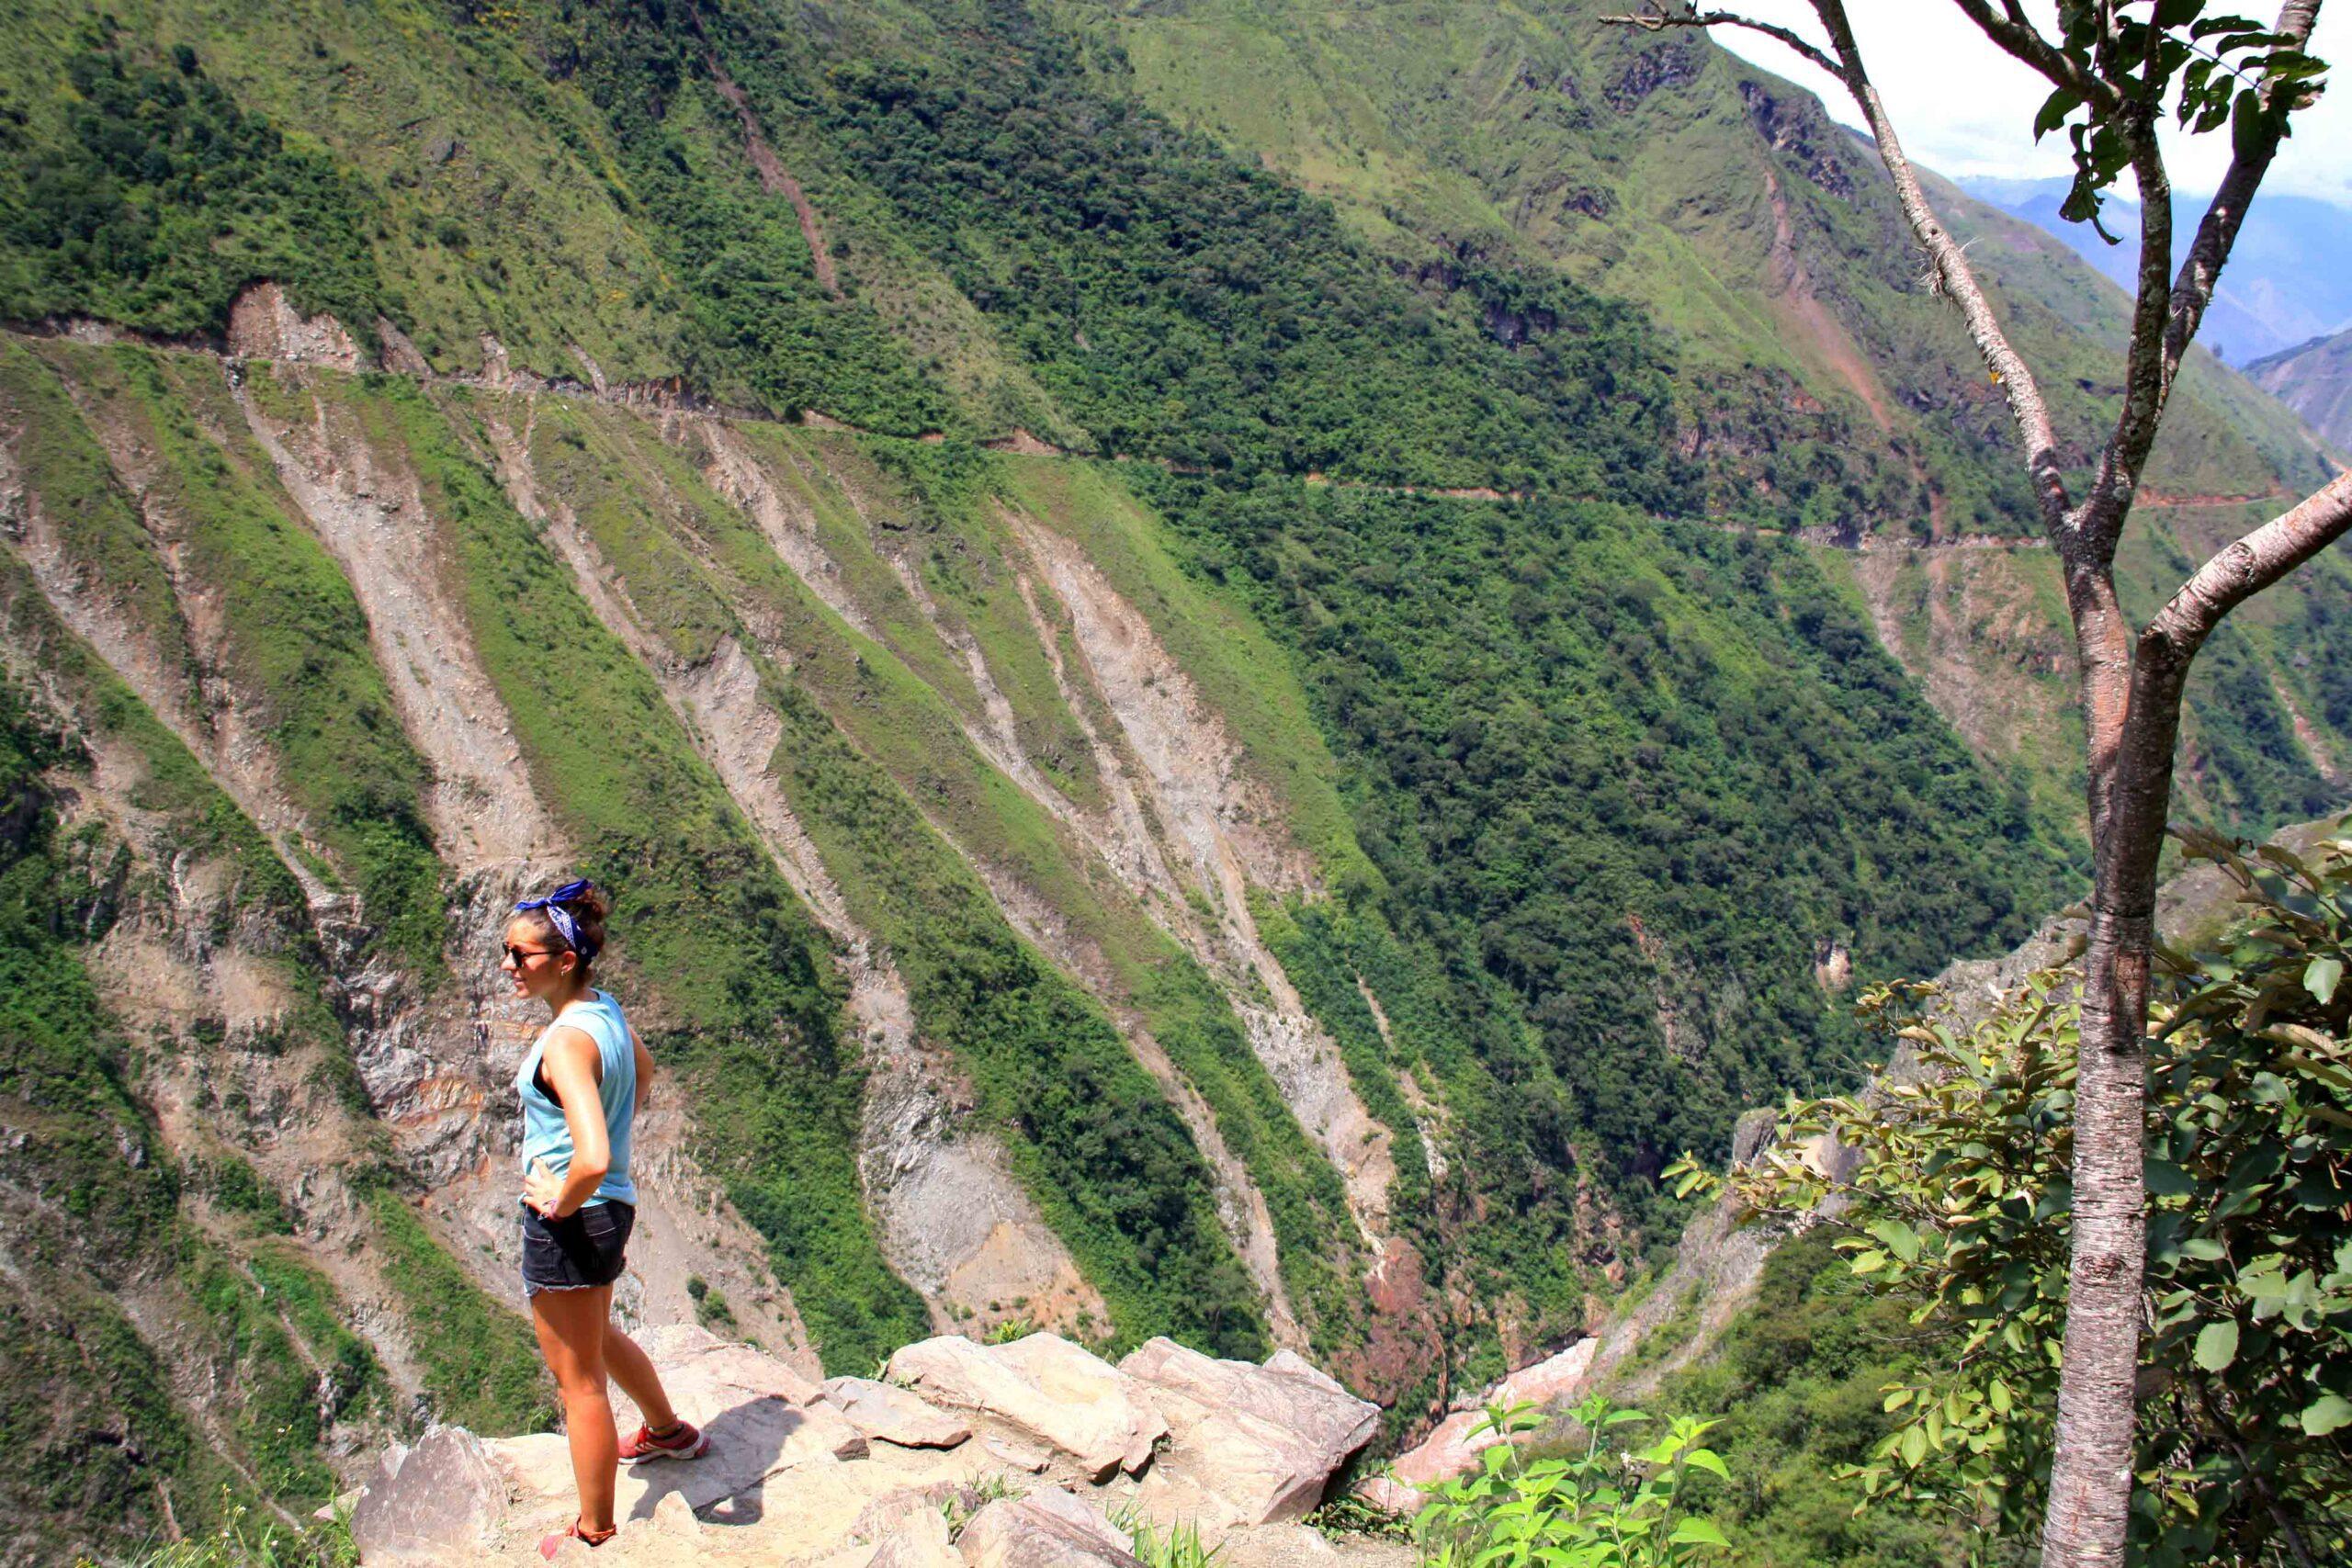 Views of the Inca Trail in Peru